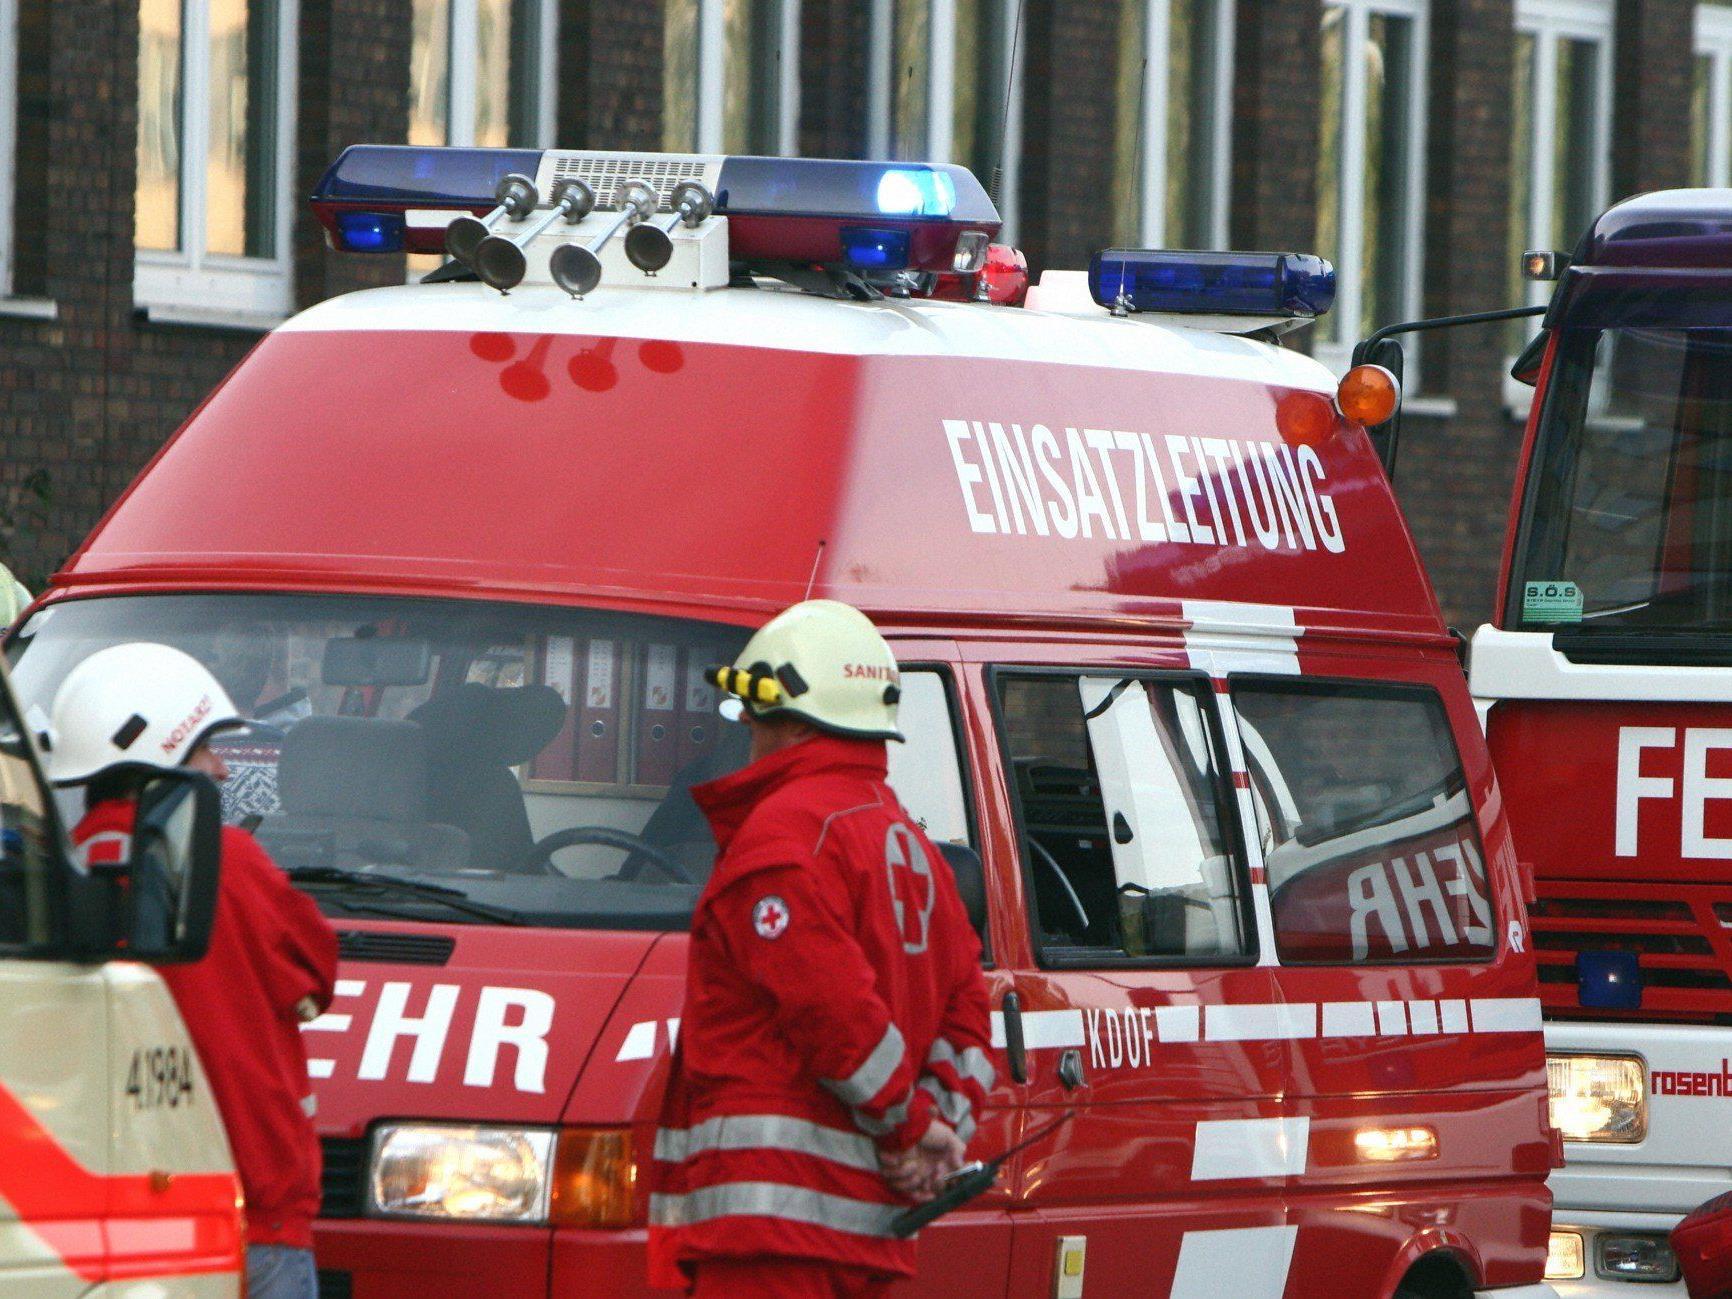 Der 18-Jährige nahme das Kommandofahrzeug der Feuerwehr in Betrieb und verursachte damit einen Crash.